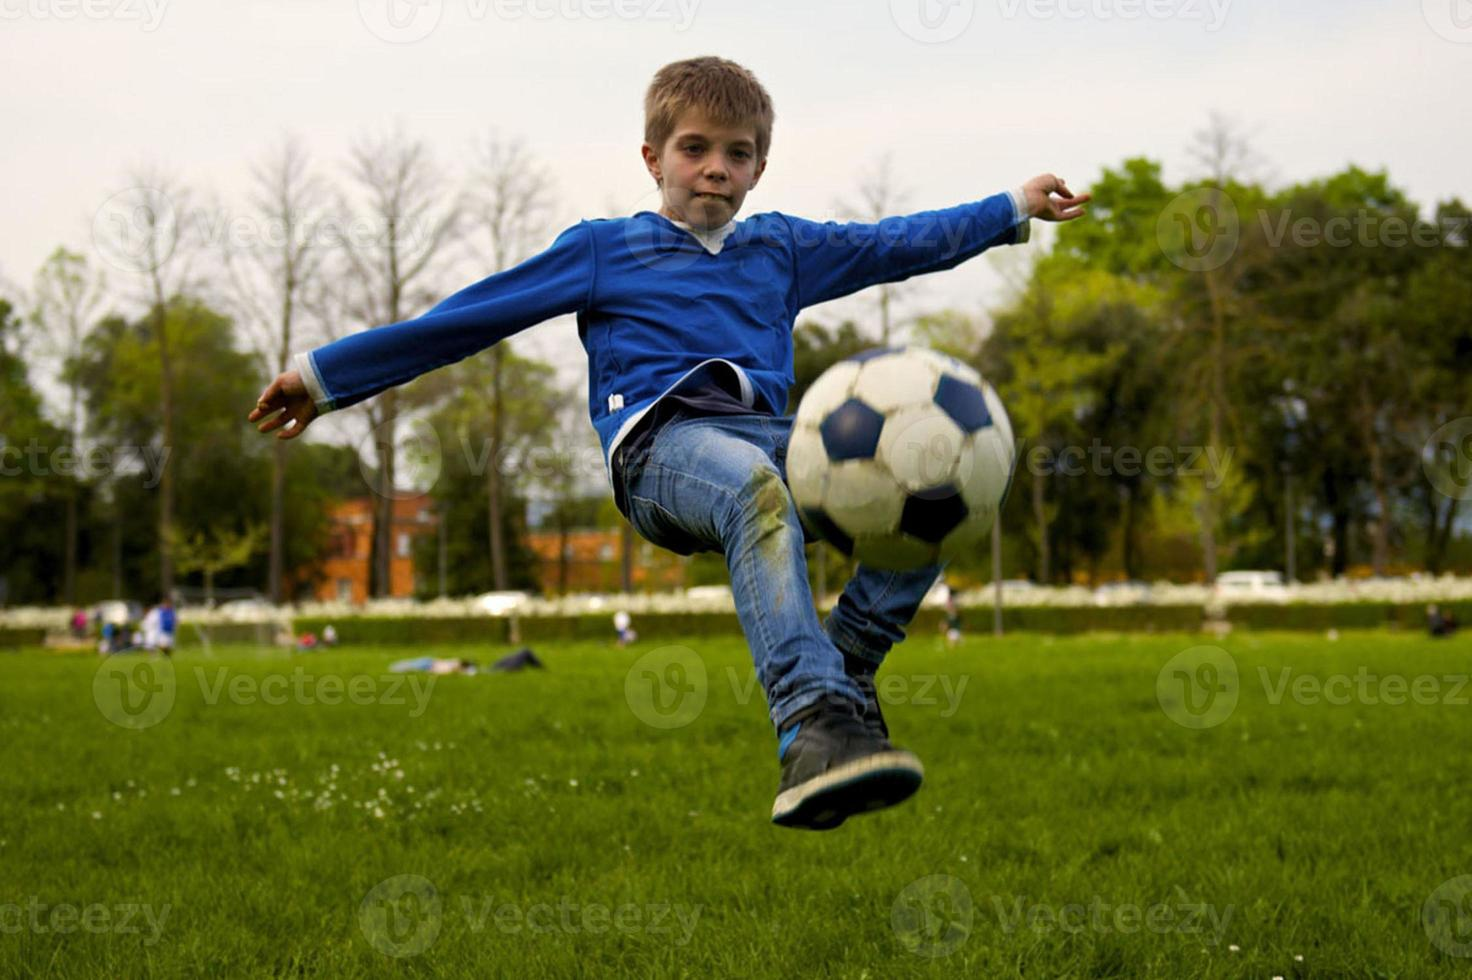 Kind spielen Fußball Schnappschuss foto